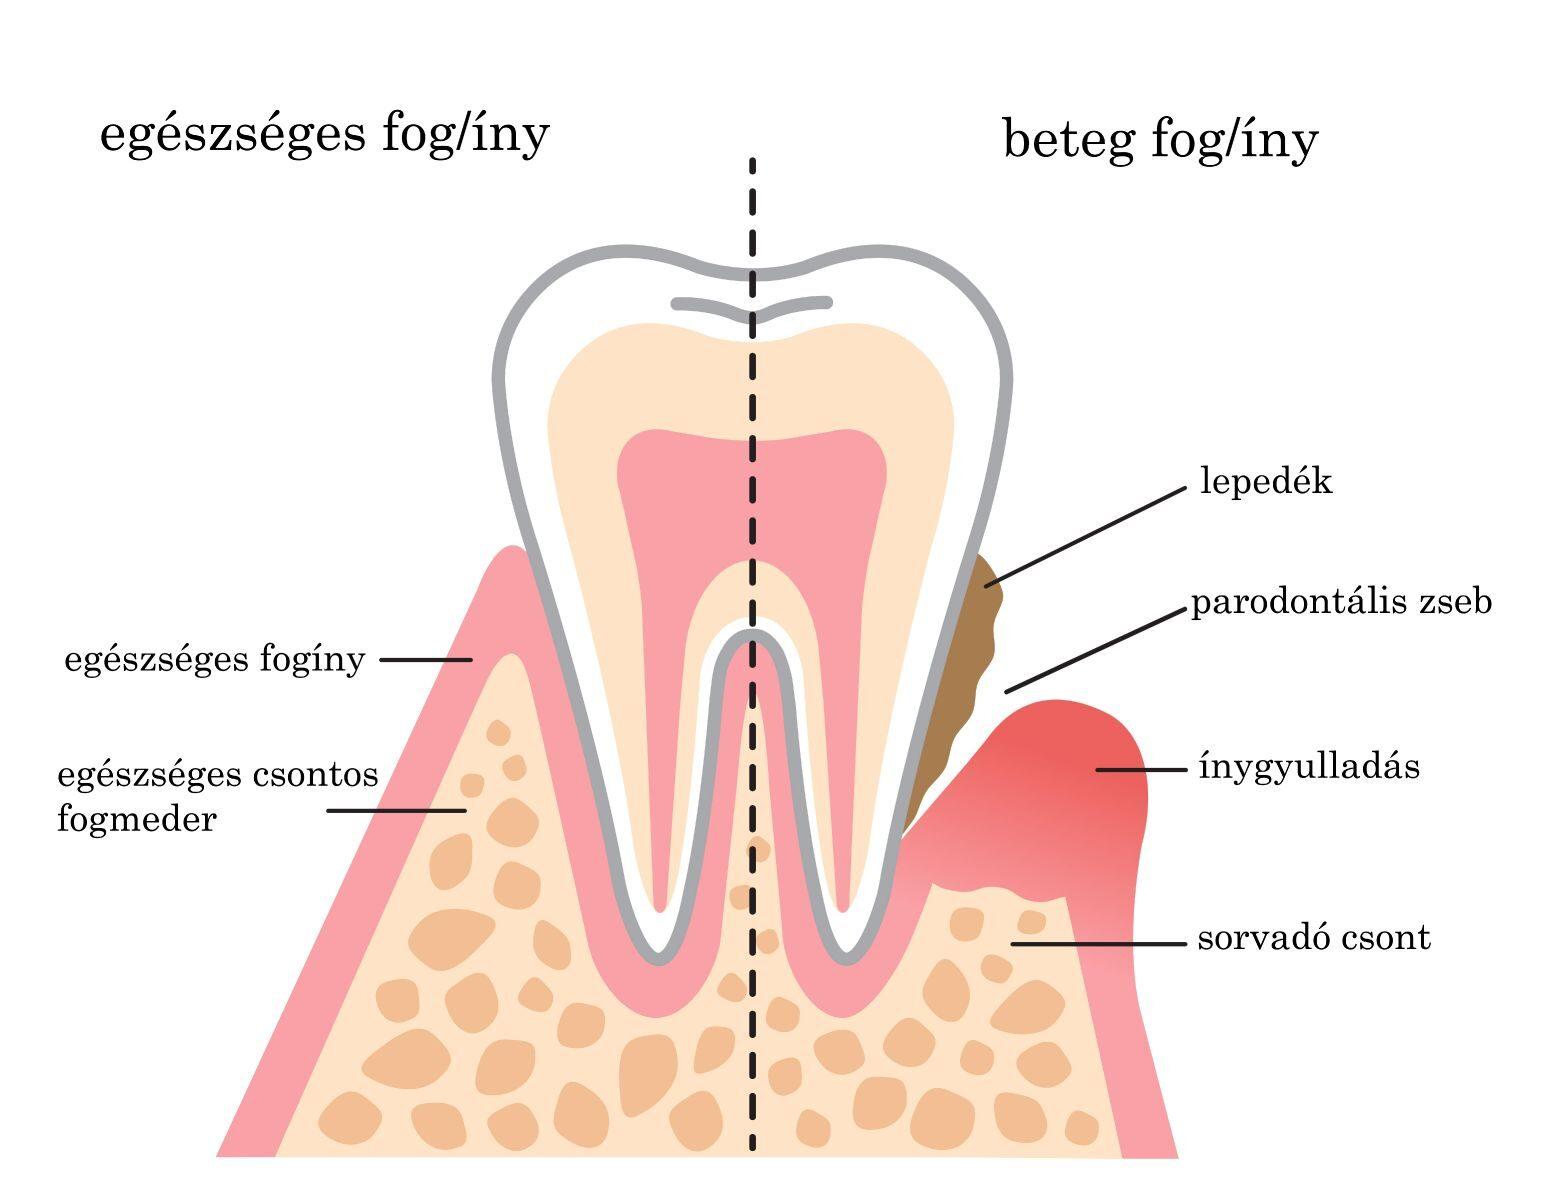 orális rák fogínygyulladás